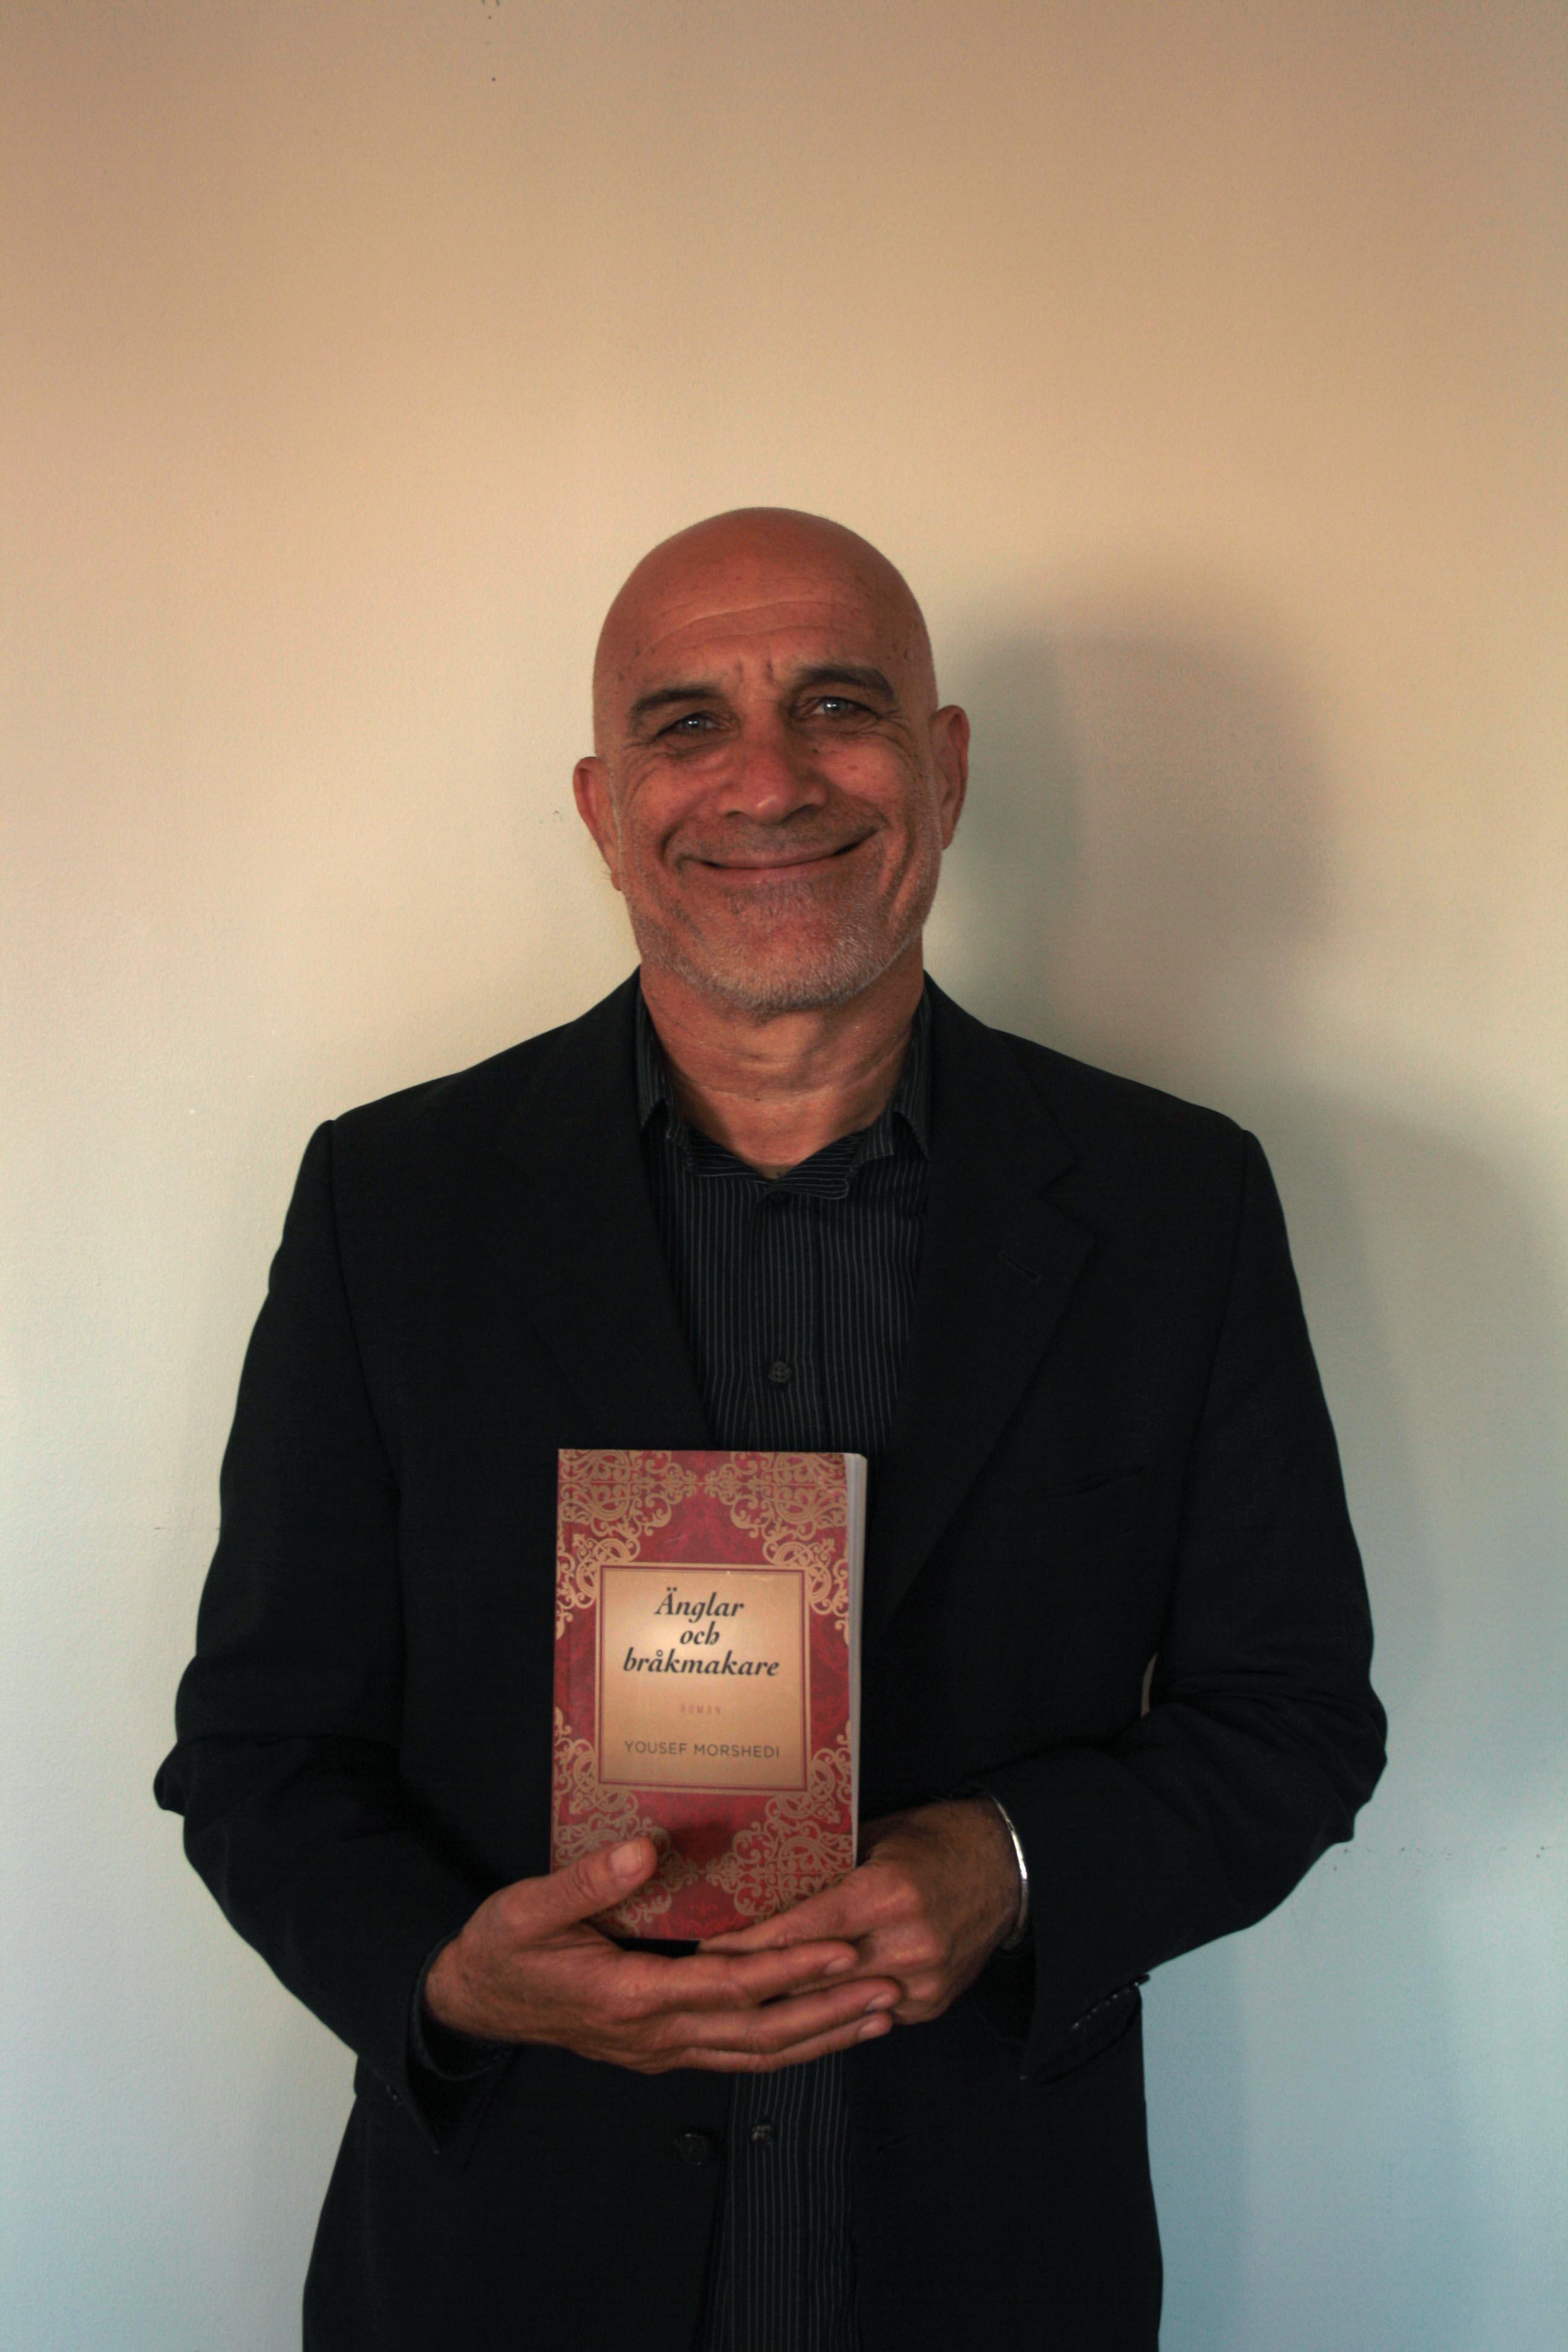 Yousef Morshedi - Änglar och bråkmakare